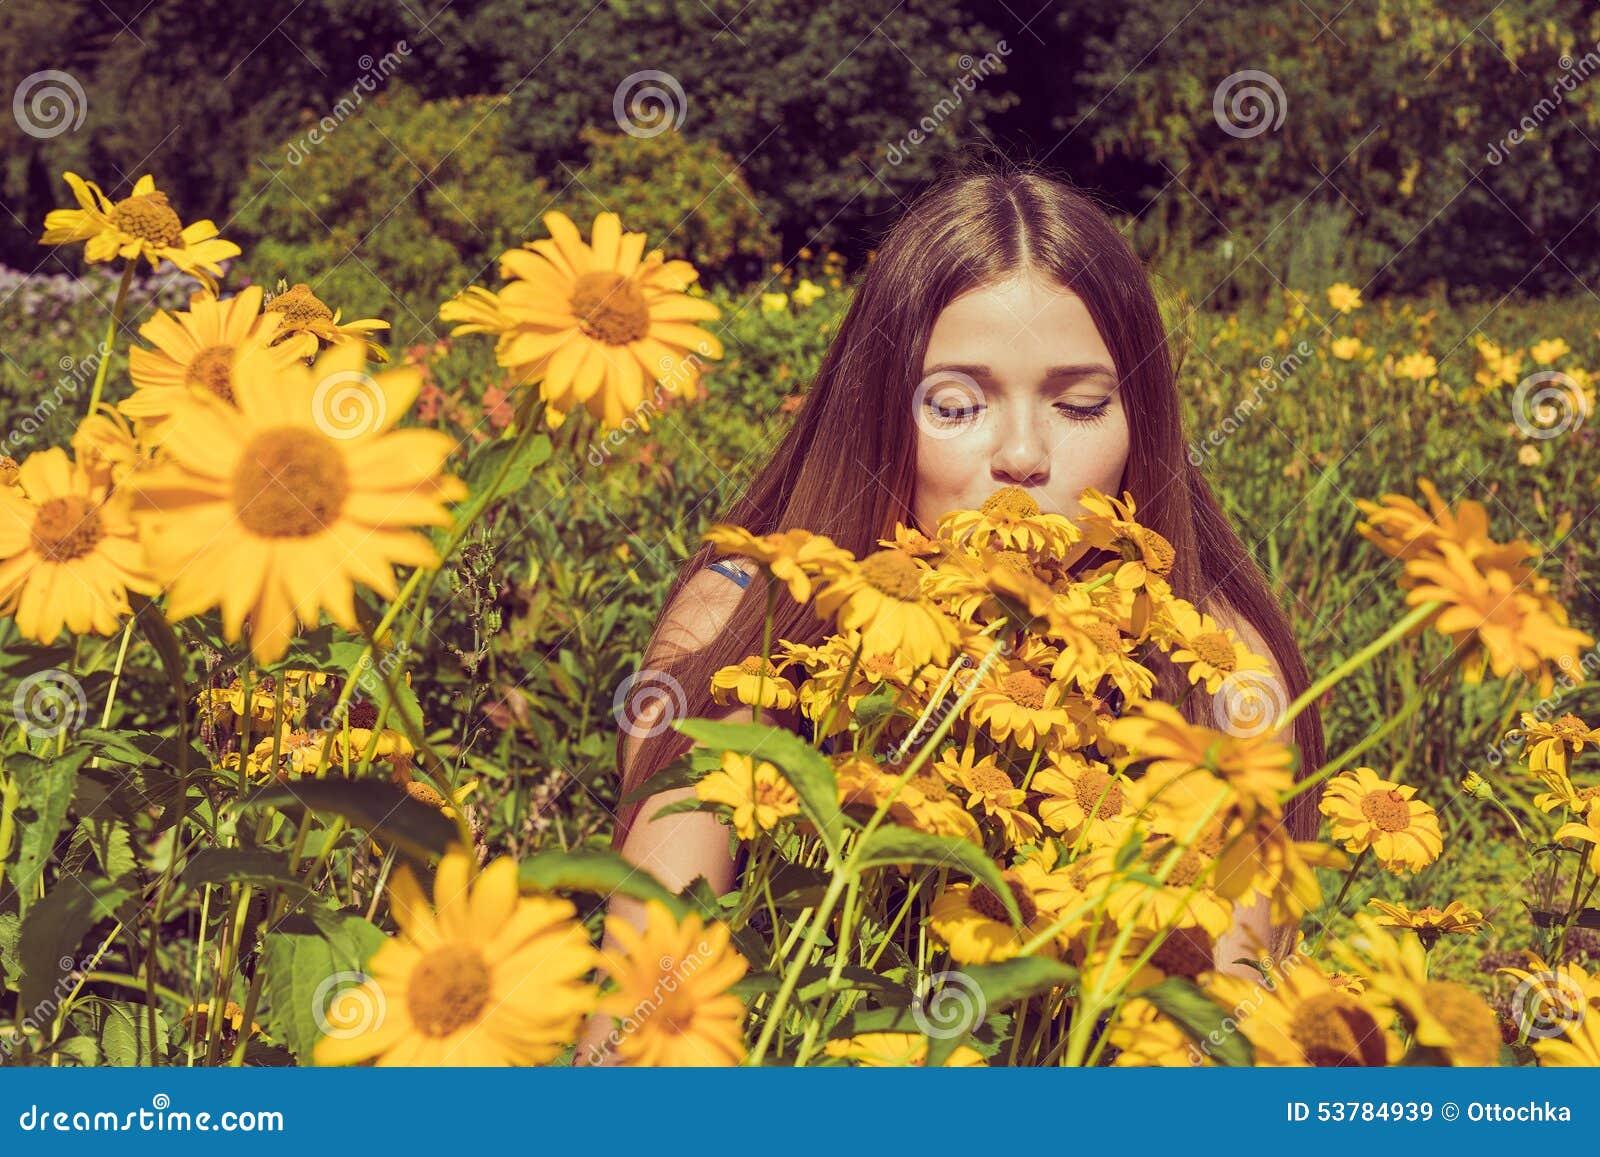 Młodej kobiety obwąchanie kwitnie Heliopsis w ogródzie Fotografia tonująca